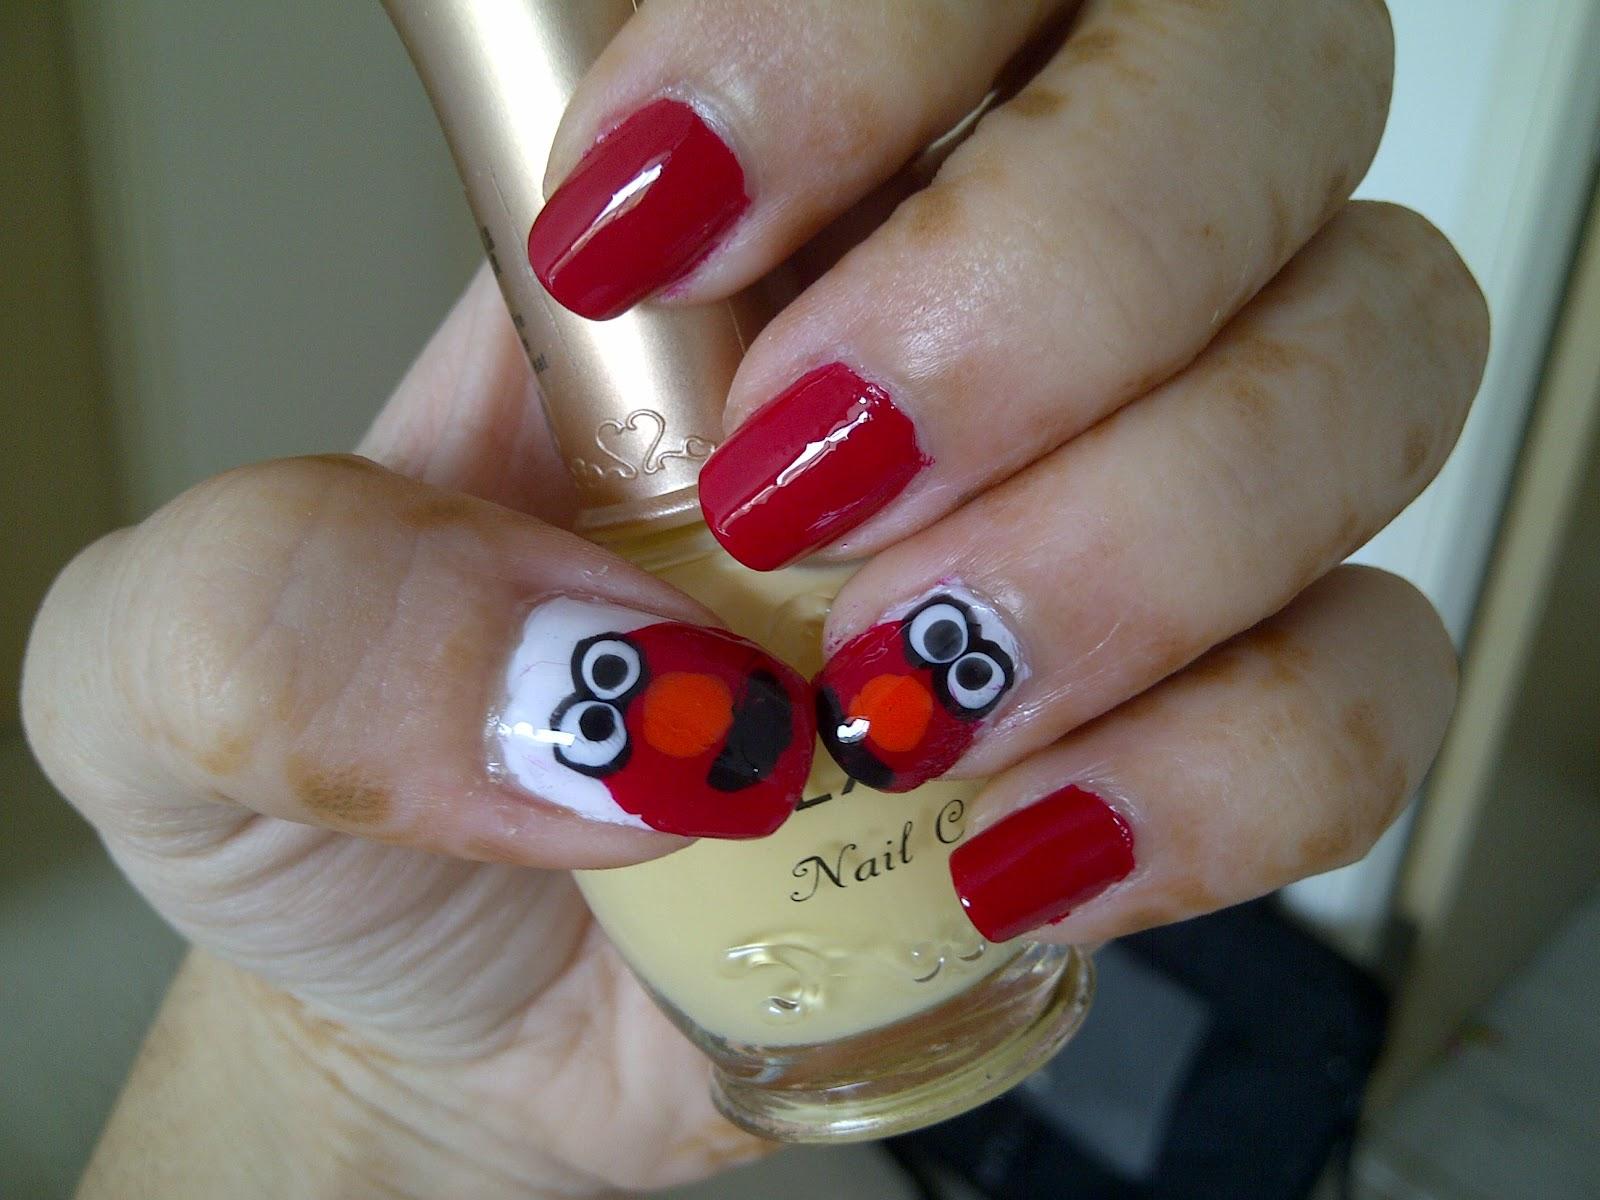 3d Nail Art Design: Juicy Fruits | NailsShine.com - Artnail.altervista